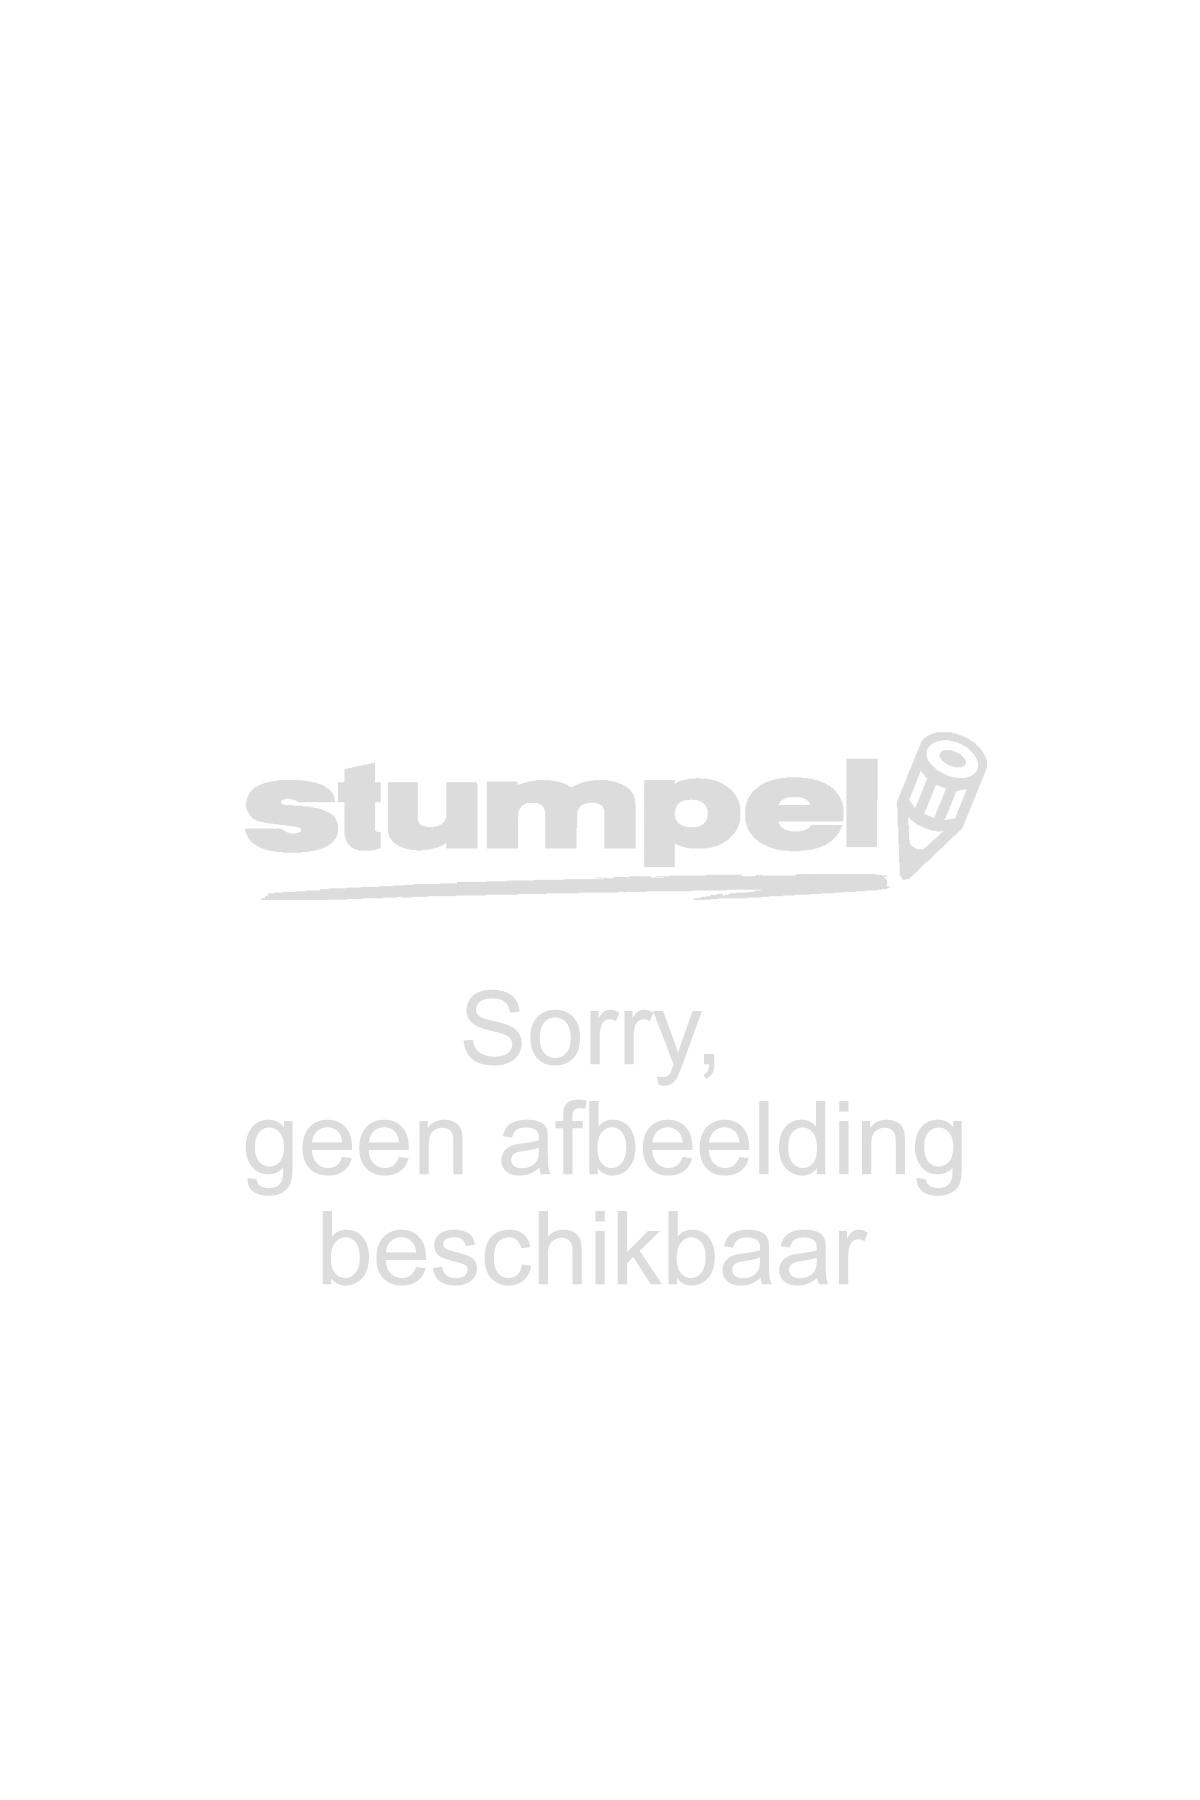 markeerstift-stabilo-swing-cool-1-4mm-275-51-tu-635270